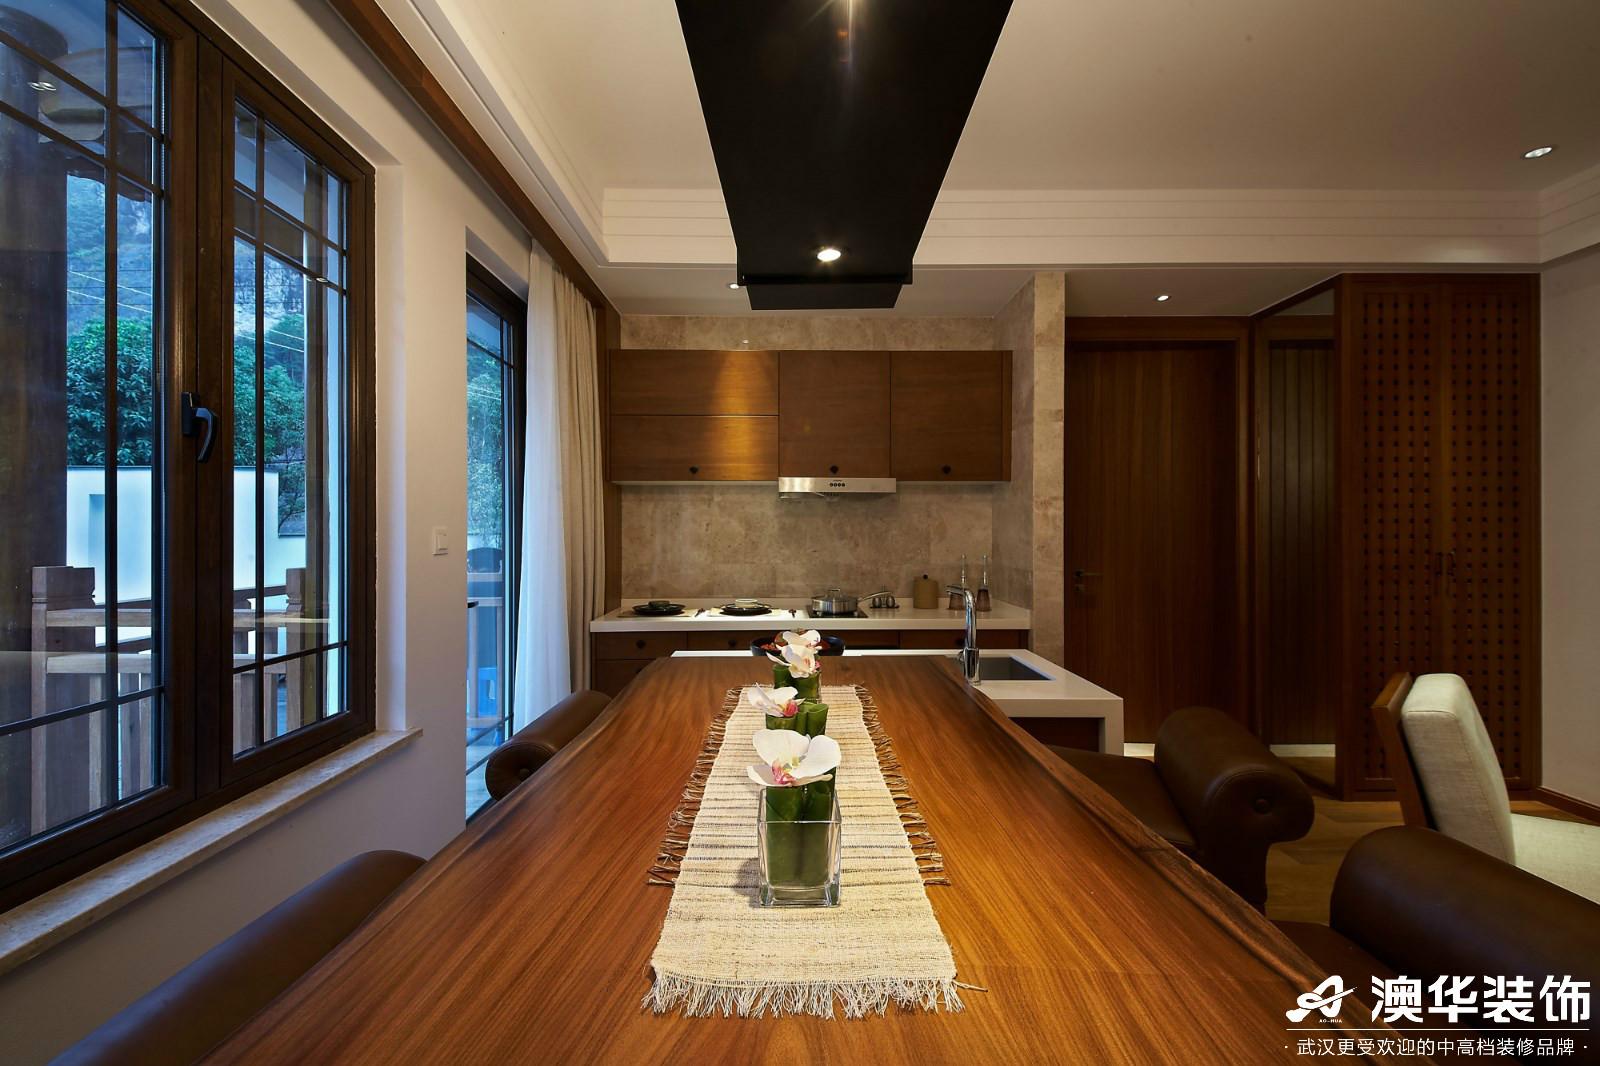 客厅图片来自澳华装饰有限公司在碧桂园凰城·东南亚风格的分享